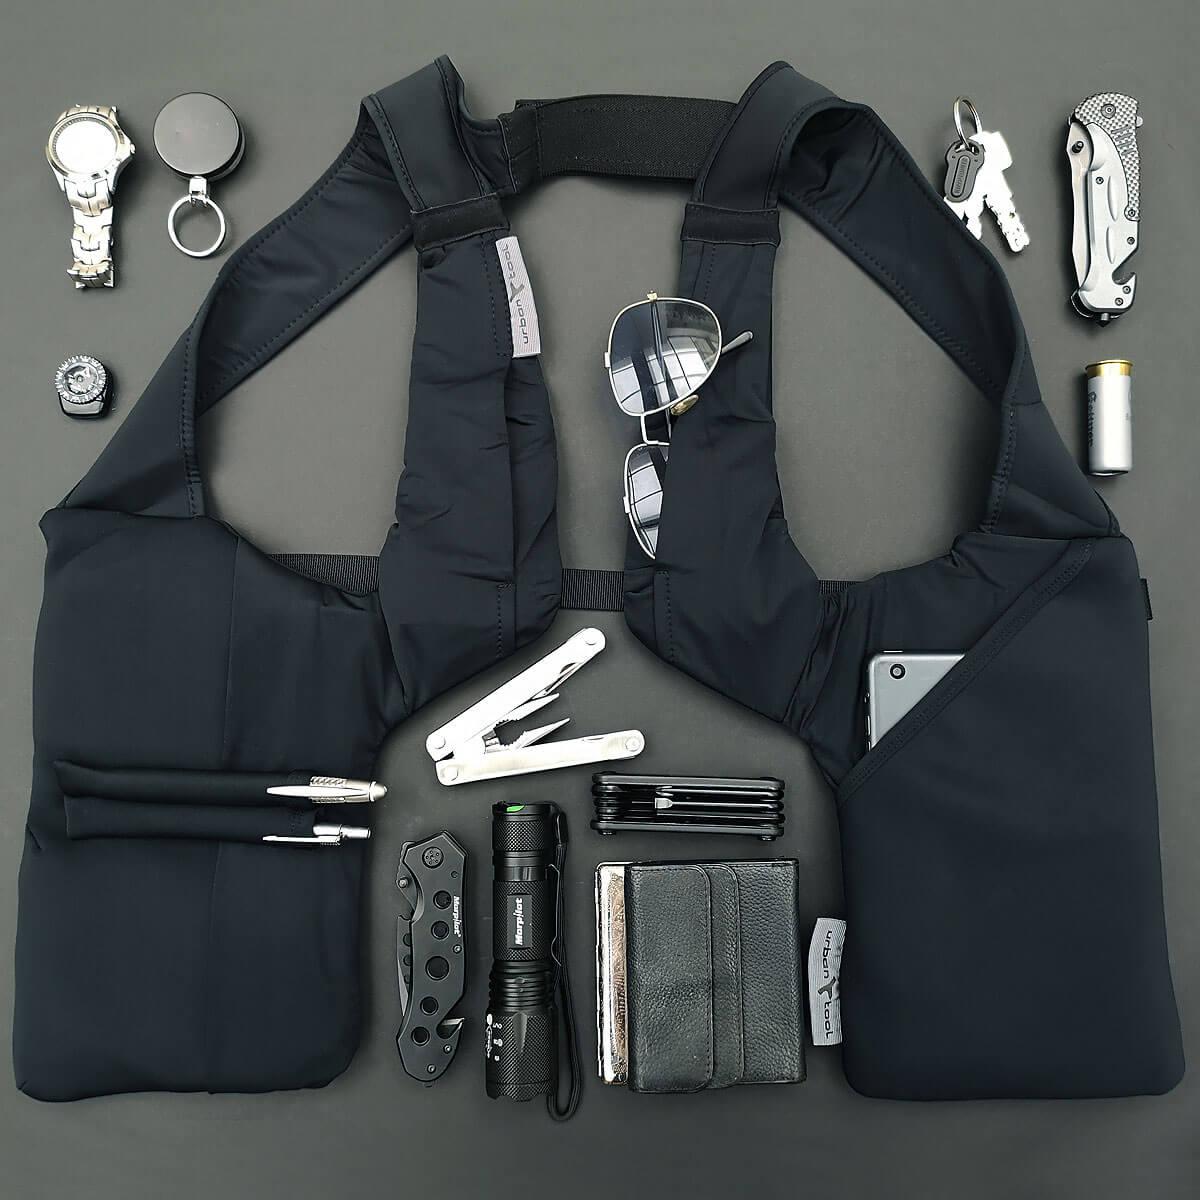 Tablet Jacket Shoulder Holster Gadget Vest Urban Tool Tablet Holster